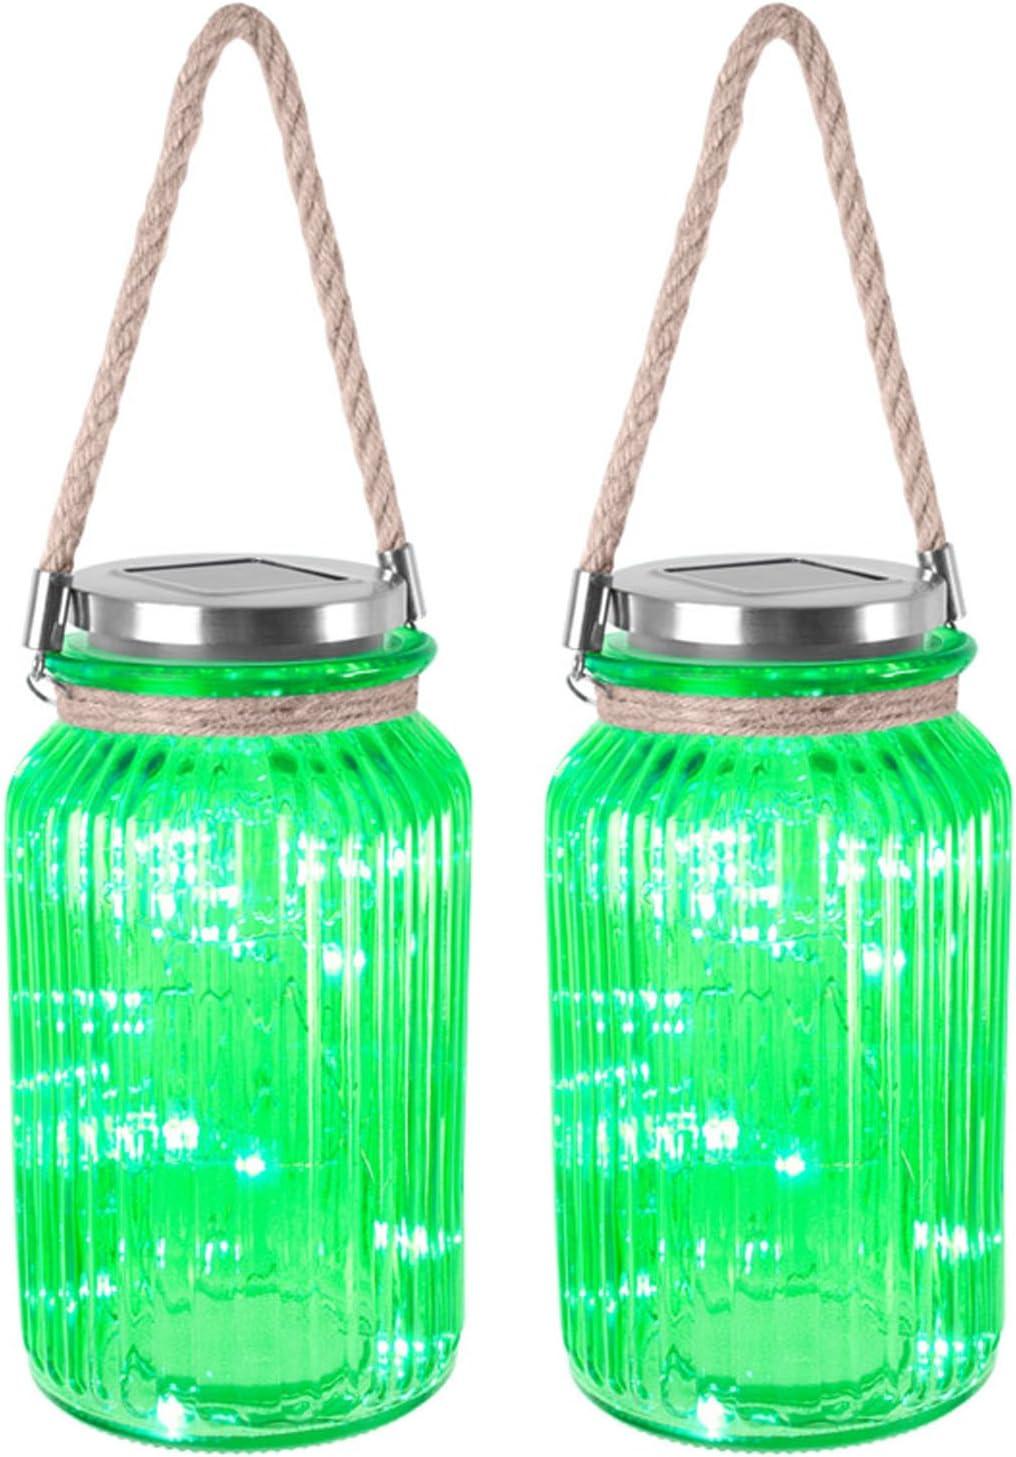 Juego de 2 farolillos solares de cristal con mango de cuerda 20 luces LED